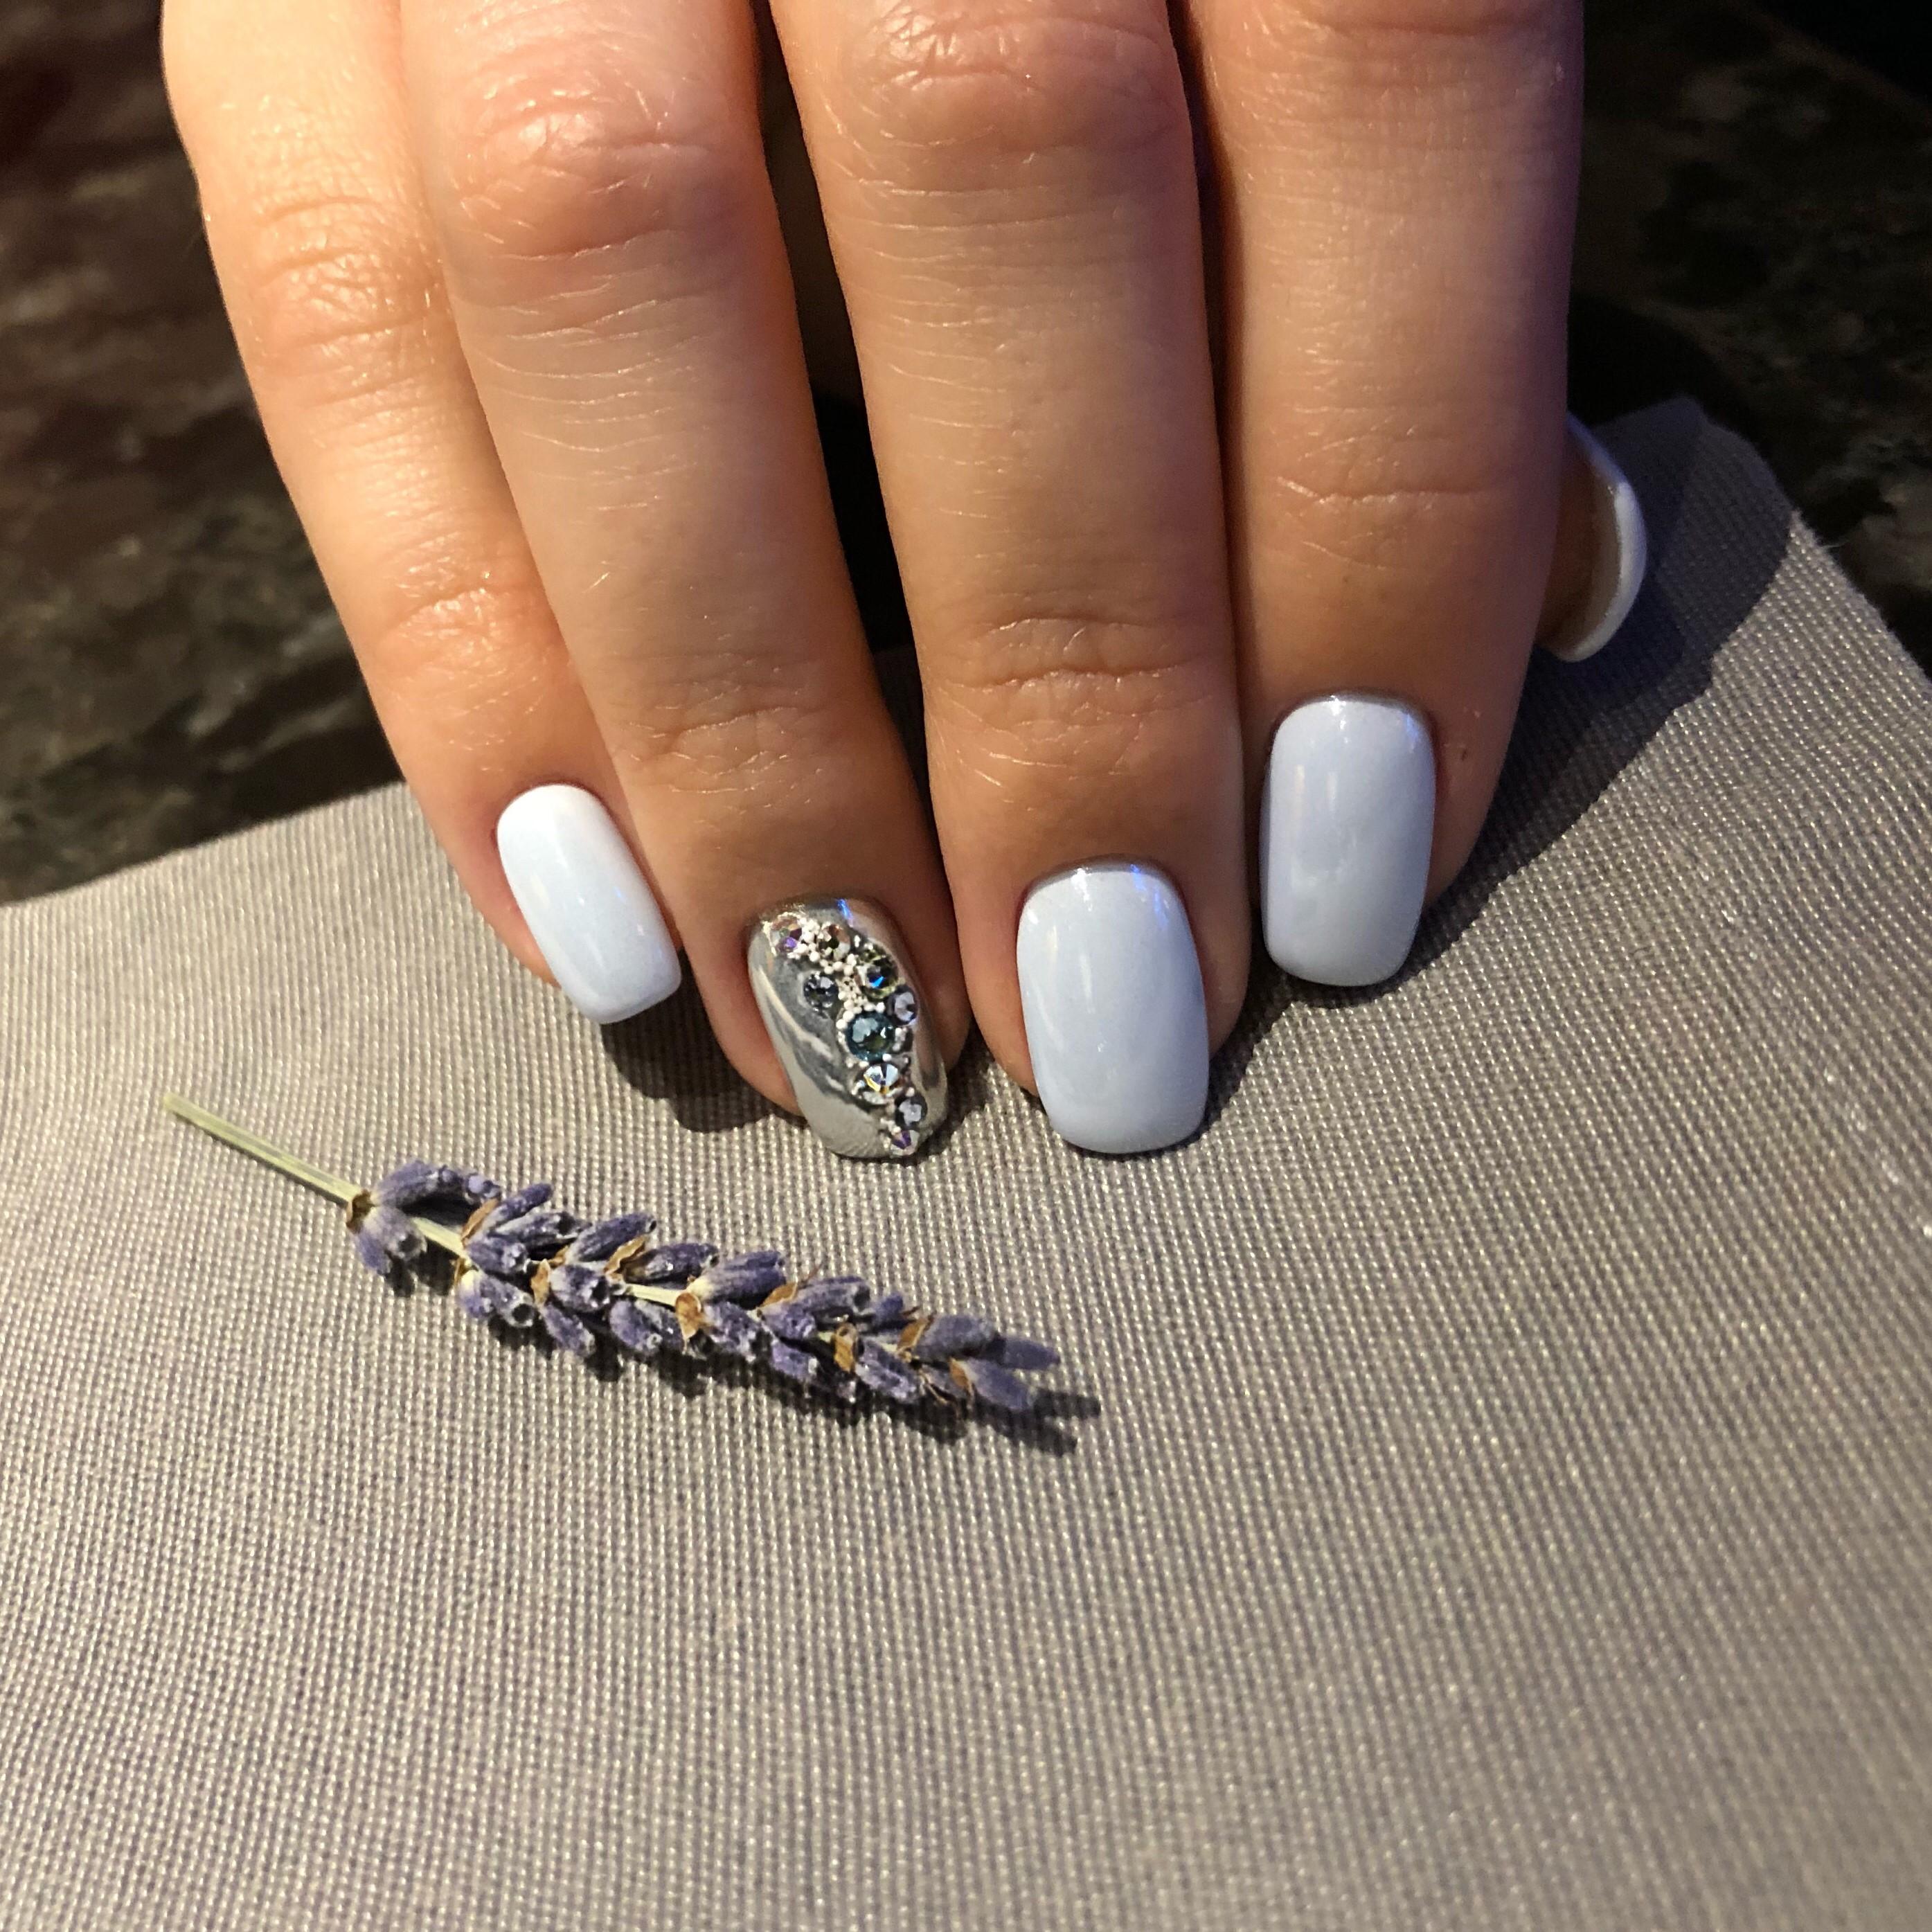 Маникюр со стразами в пастельных тонах на короткие ногти.